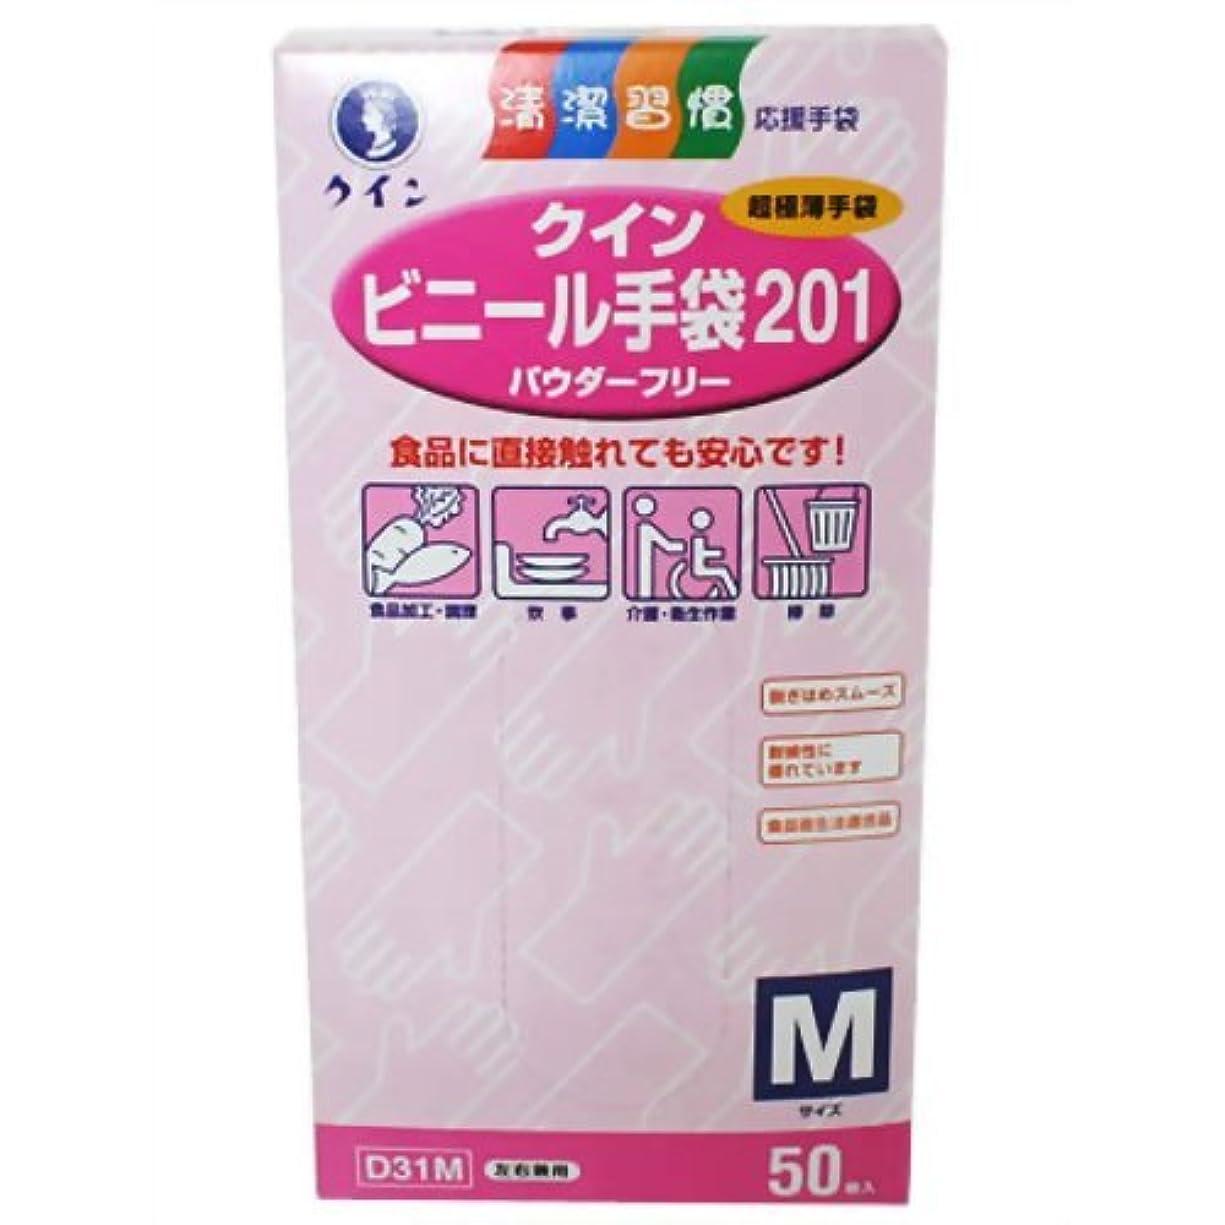 お酒のりパパクイン キッチンビニール手袋50P P.F M NEW 宇都宮製作 【商品CD】UT6969